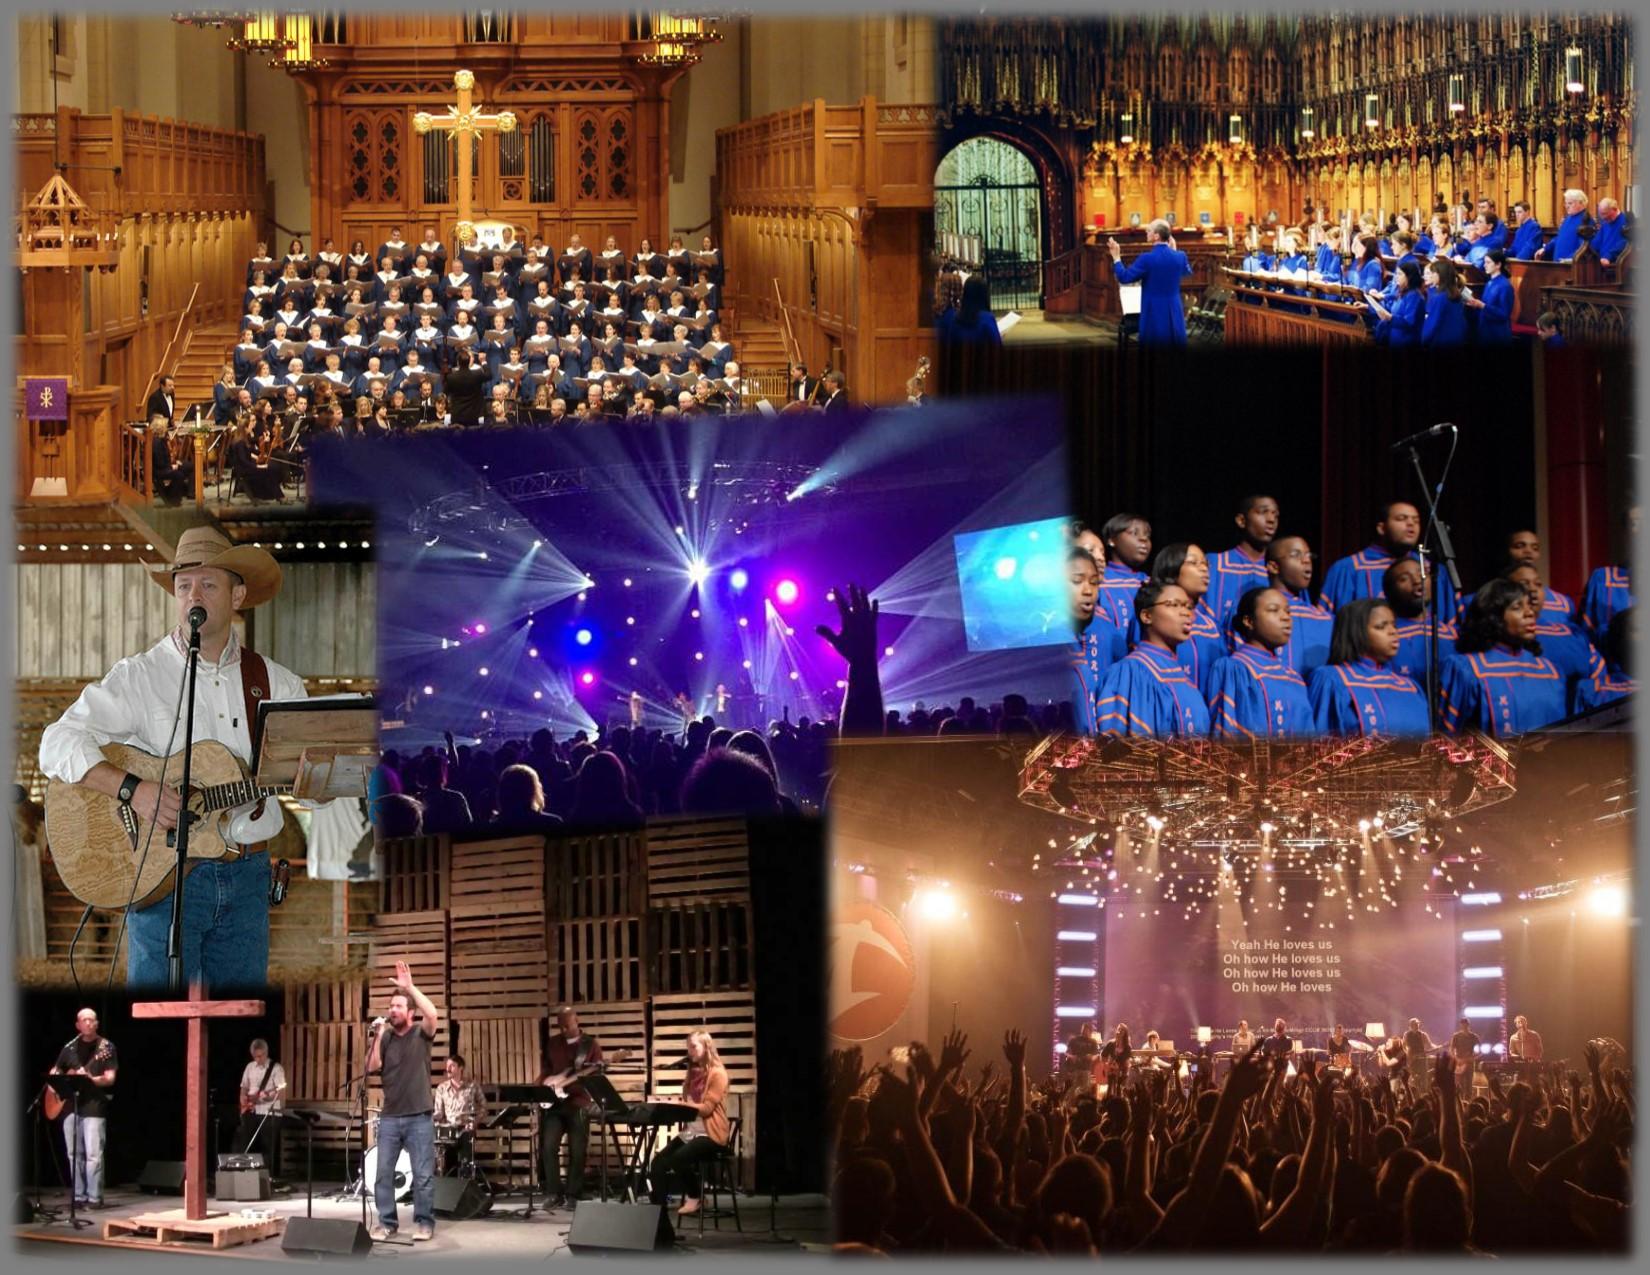 Worship collage 1.jpg